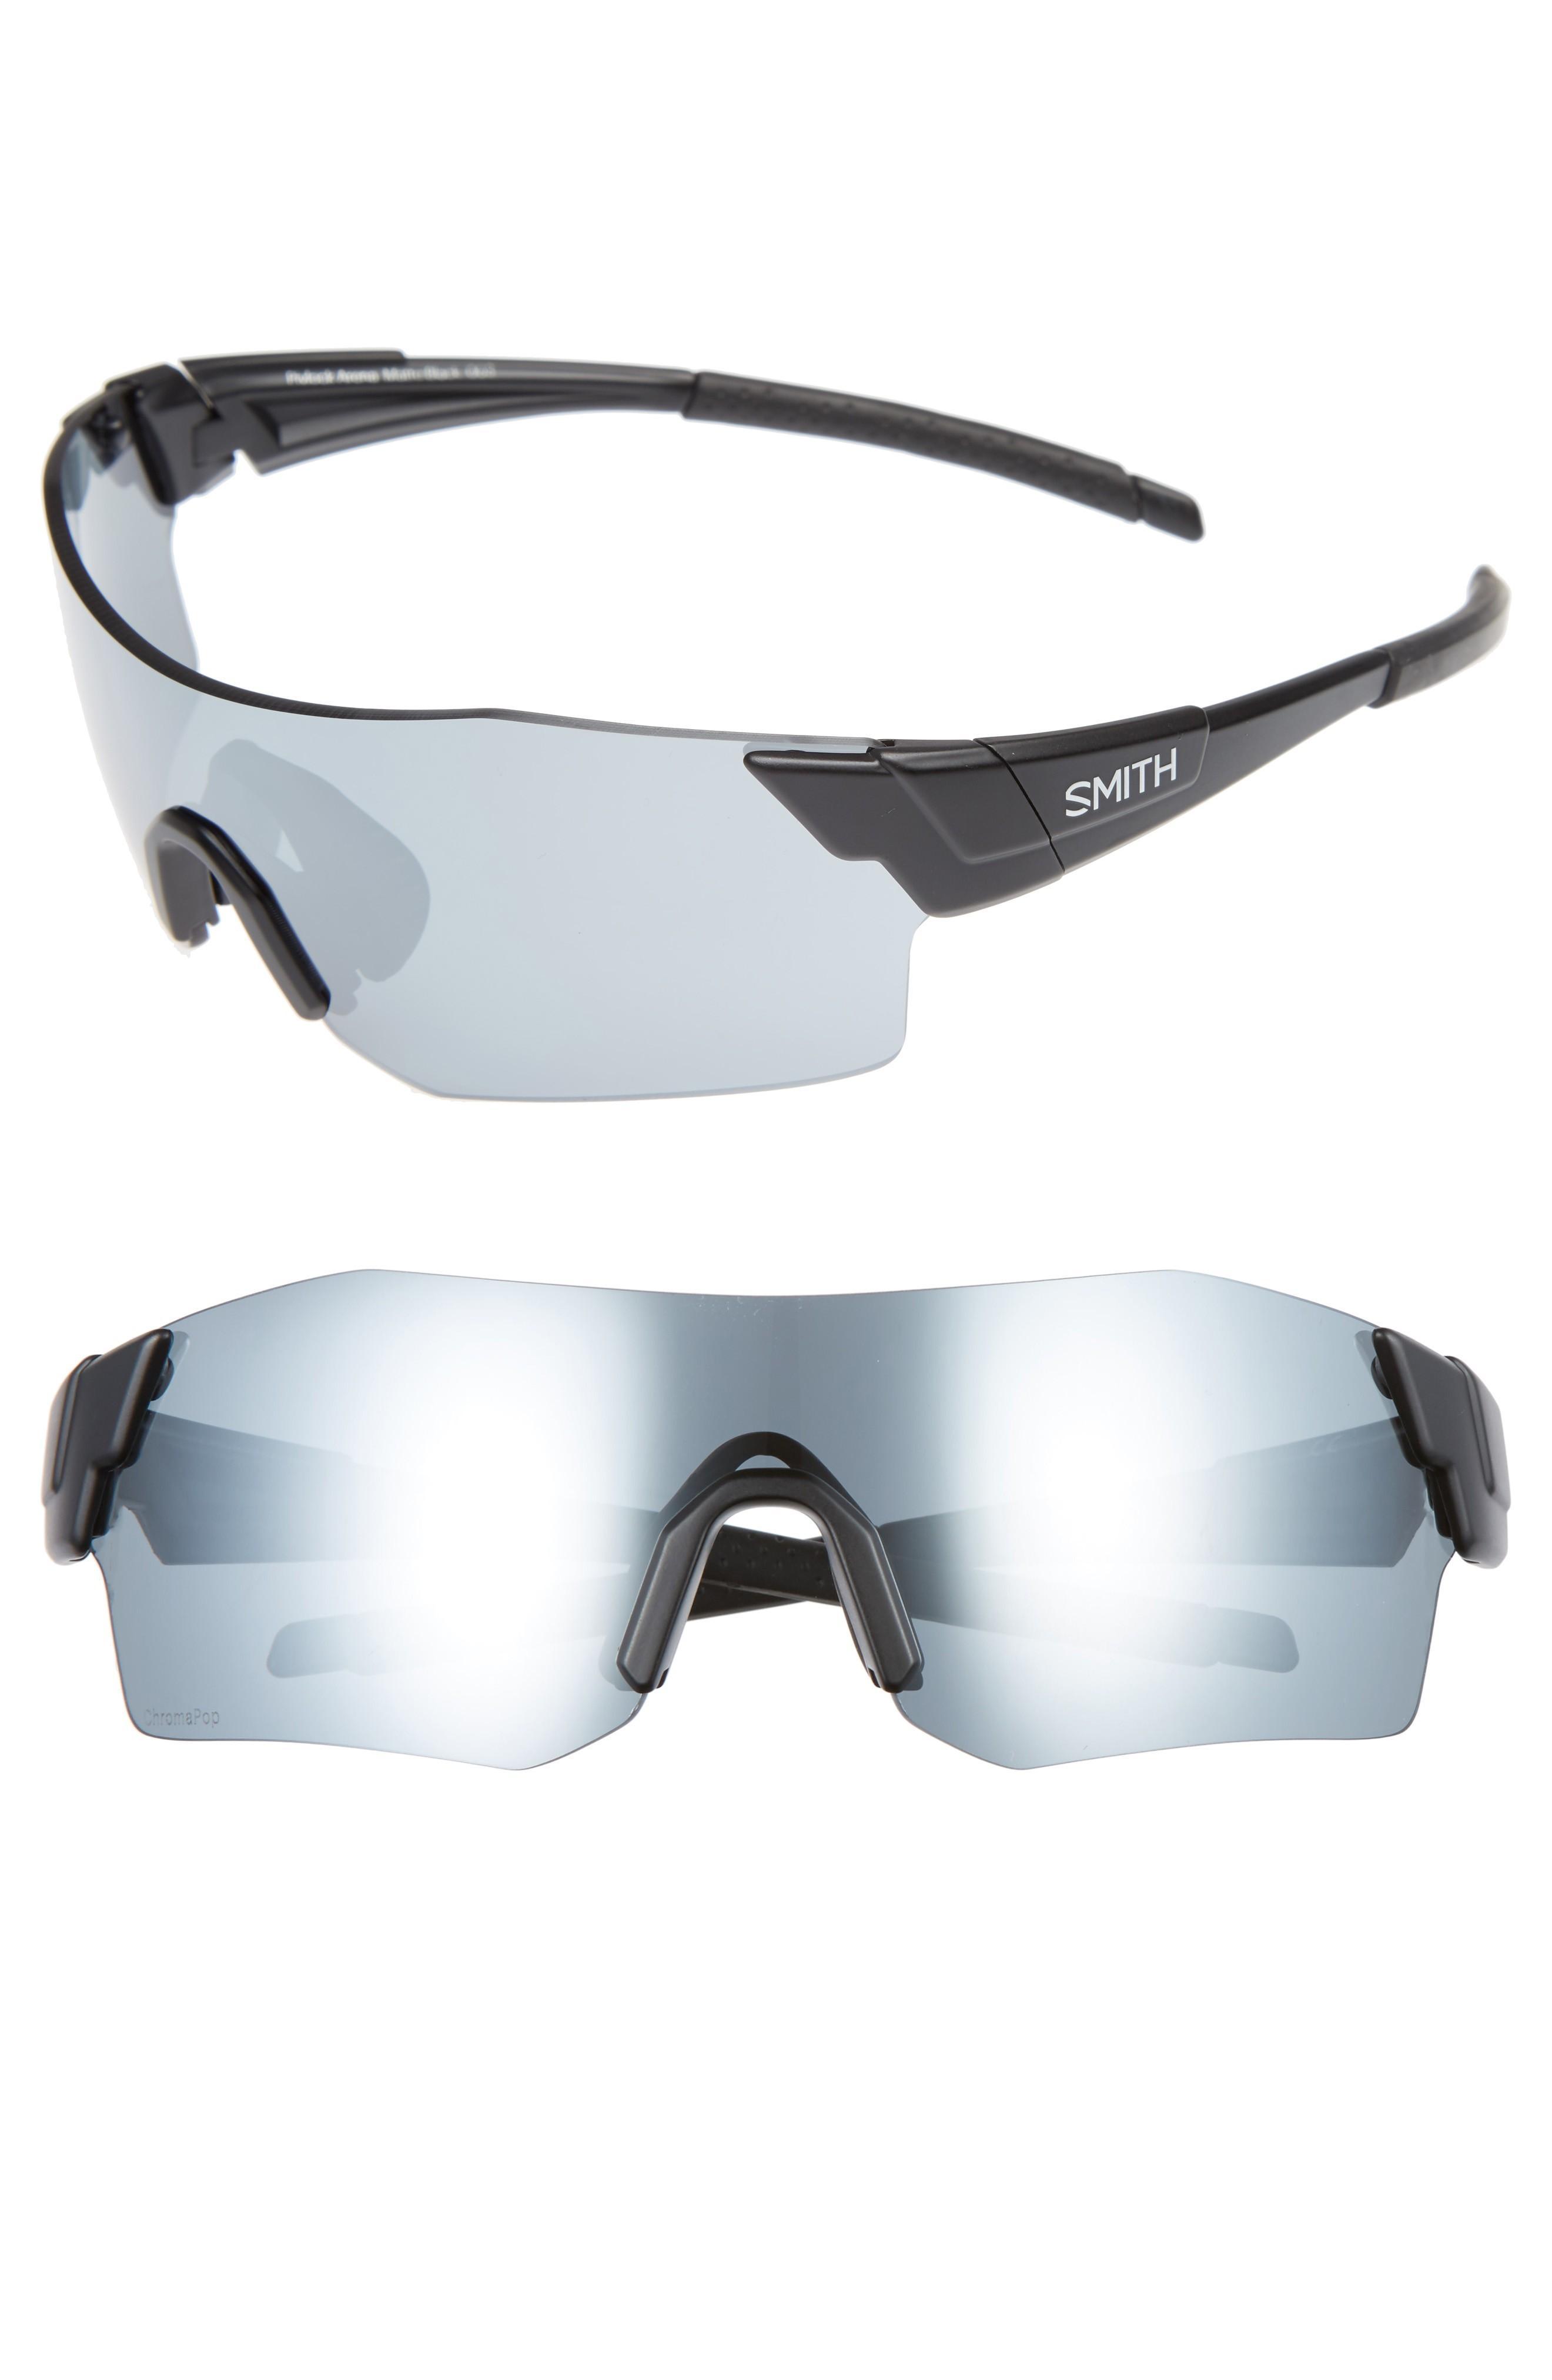 5439902f256eb Smith Pivlock(Tm) Arena 120Mm Sunglasses - Matte Black